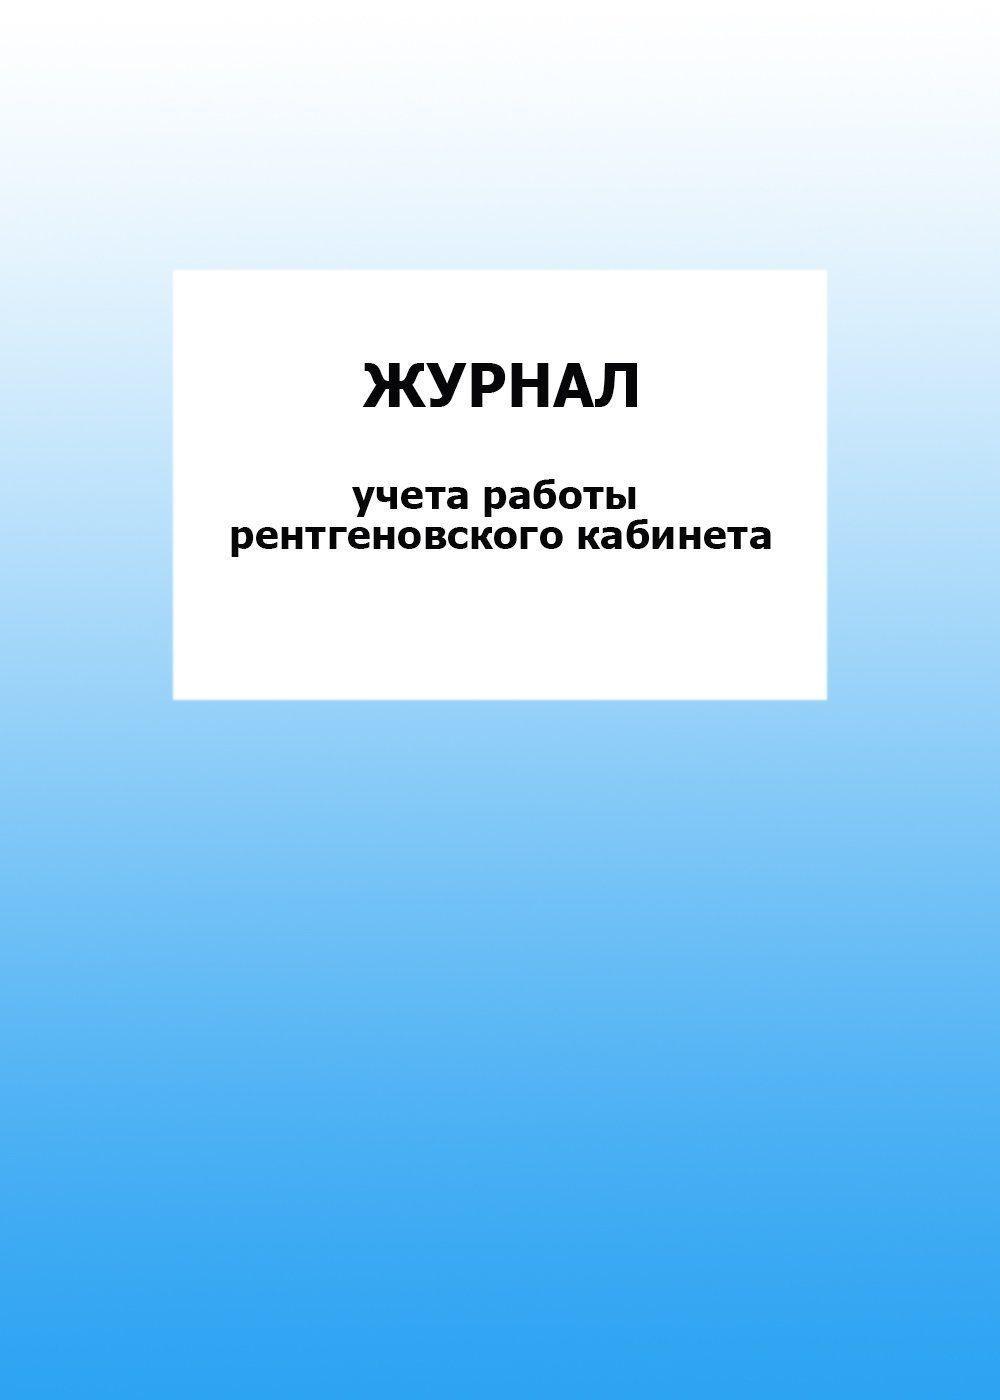 Журнал учета работы рентгеновского кабинета: упаковка 30 шт.